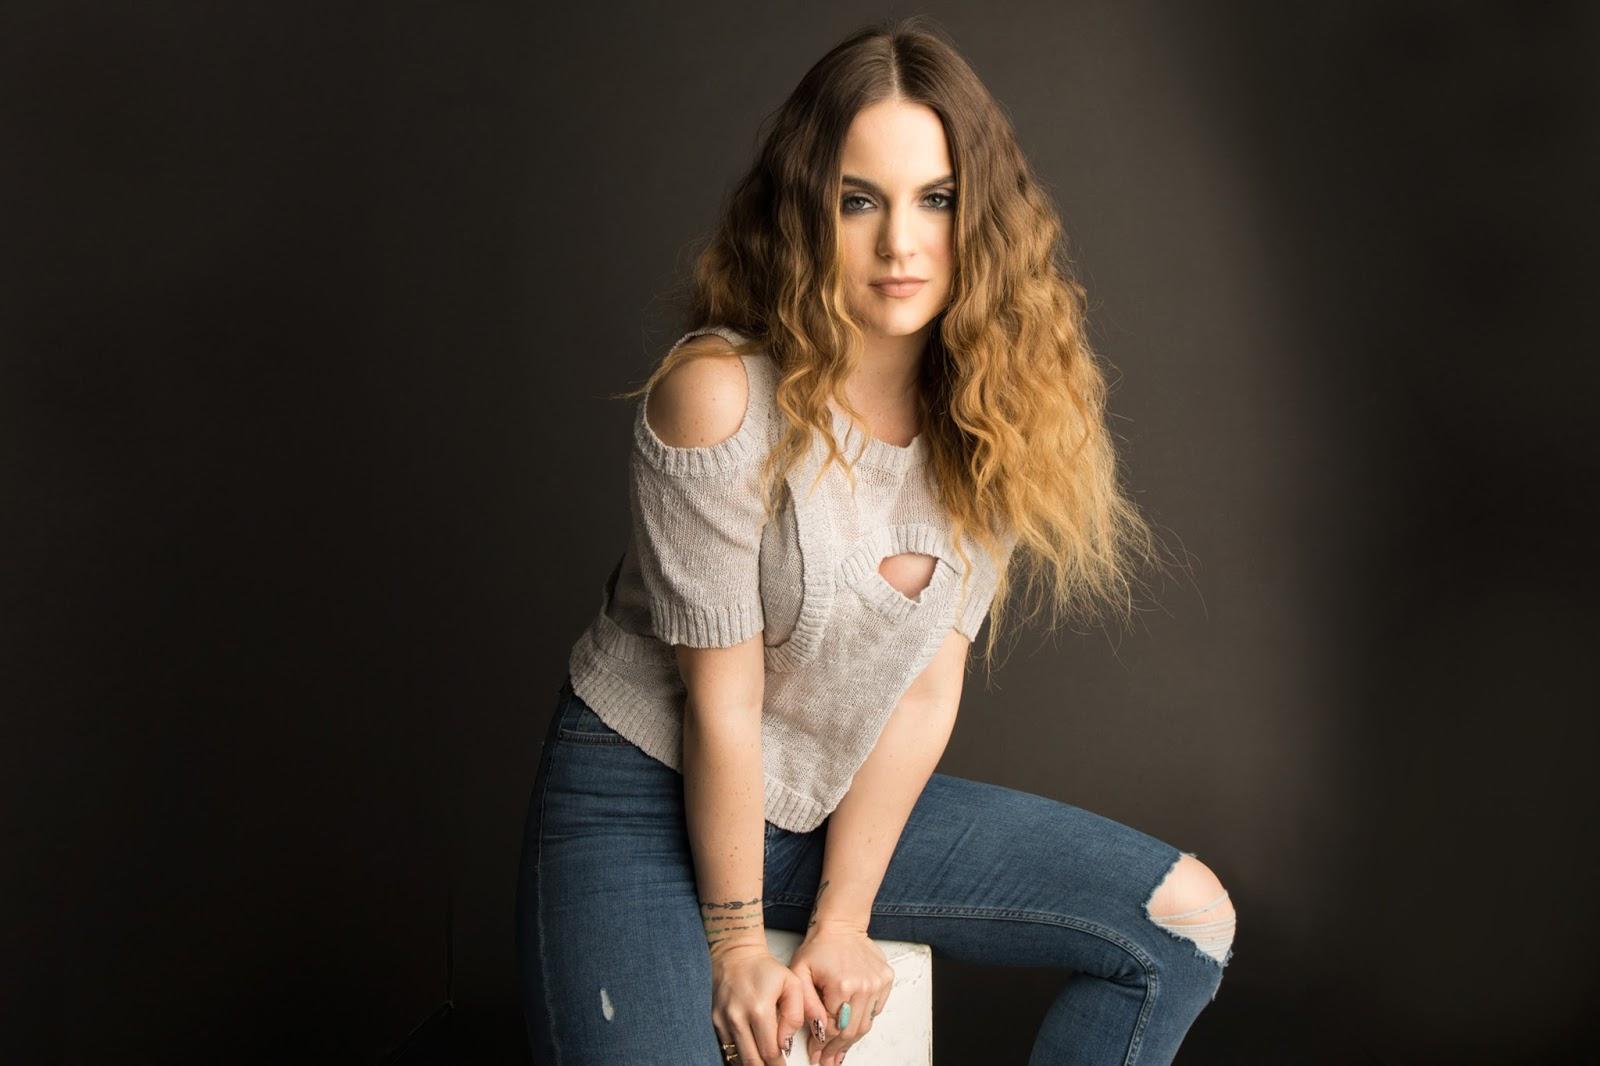 Top Teen Joanna Noëlle Blagden JoJo Biography